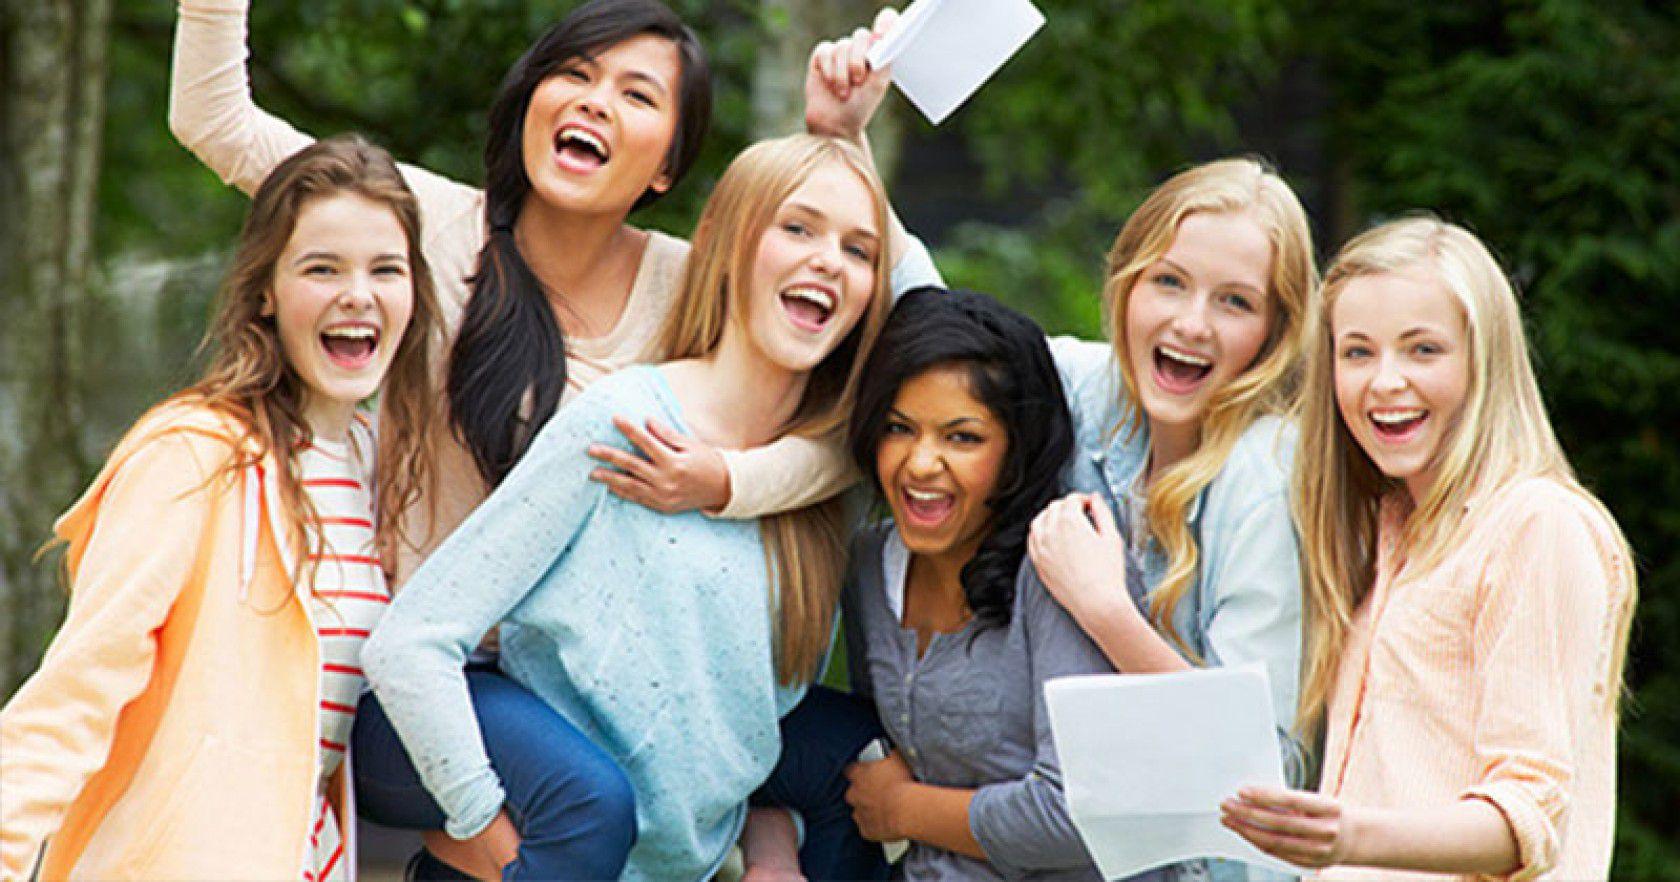 Avrupa'da Mezuniyet Olanakları ve Diploma Veren Okullar ile Alakalı Bilinmesi Gerekenler